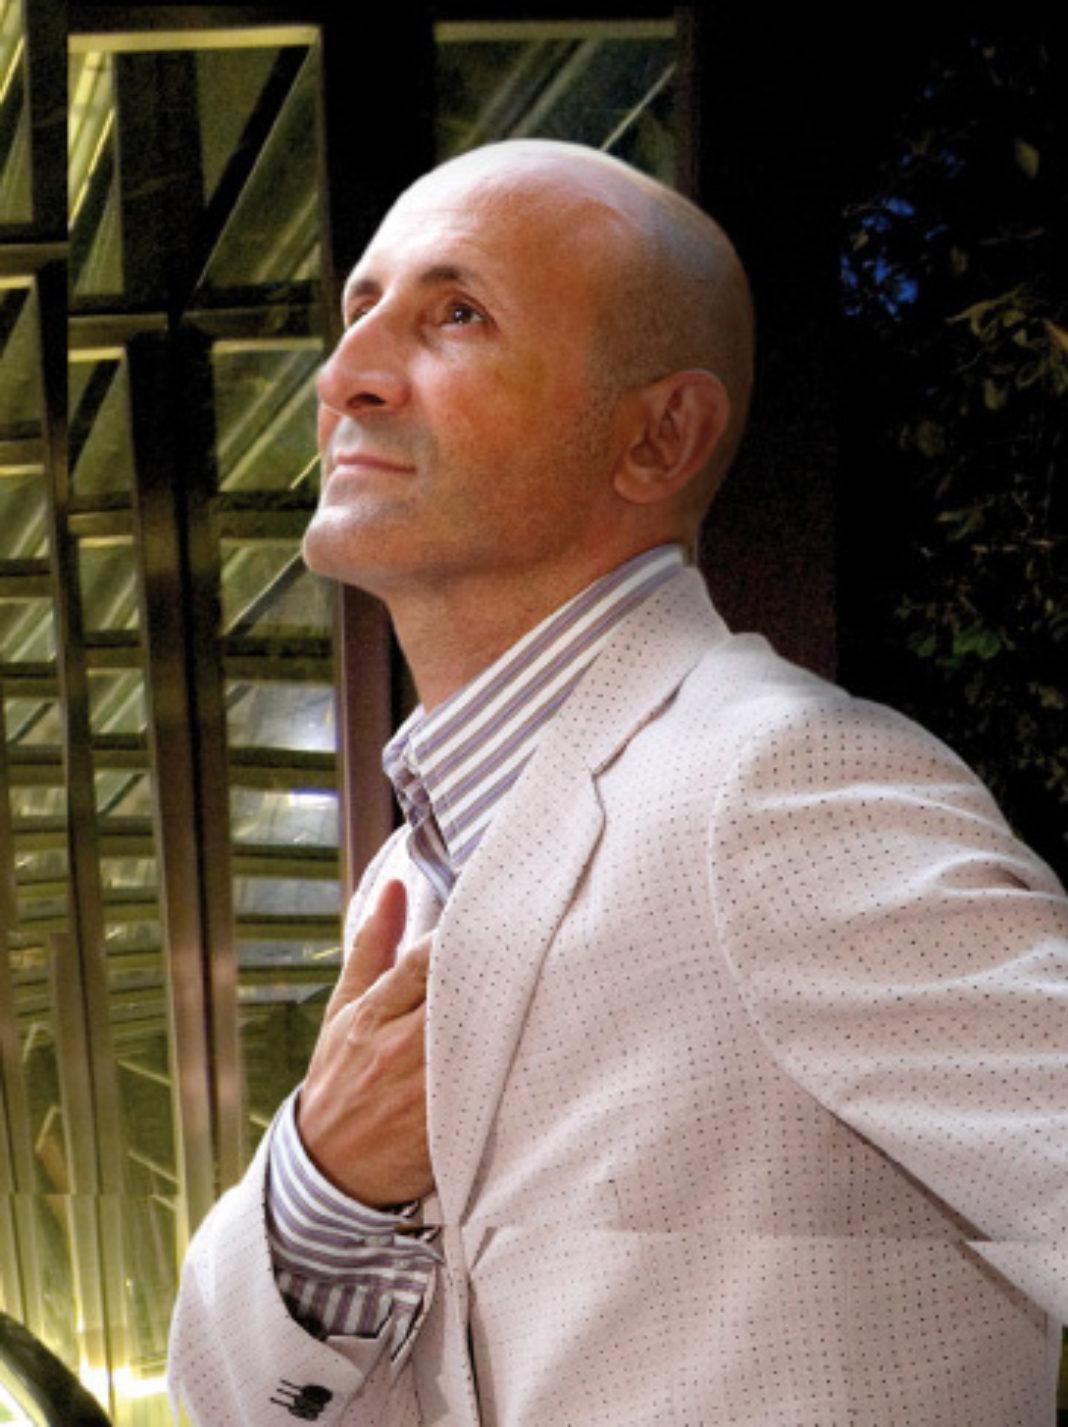 Modesto Lomba en una campaña de Turismo de Euskadi 1068x1427 - El modisto Modesto Lomba reconoce que su desayuno ideal de los domingos pasa por comer queso de Herencia